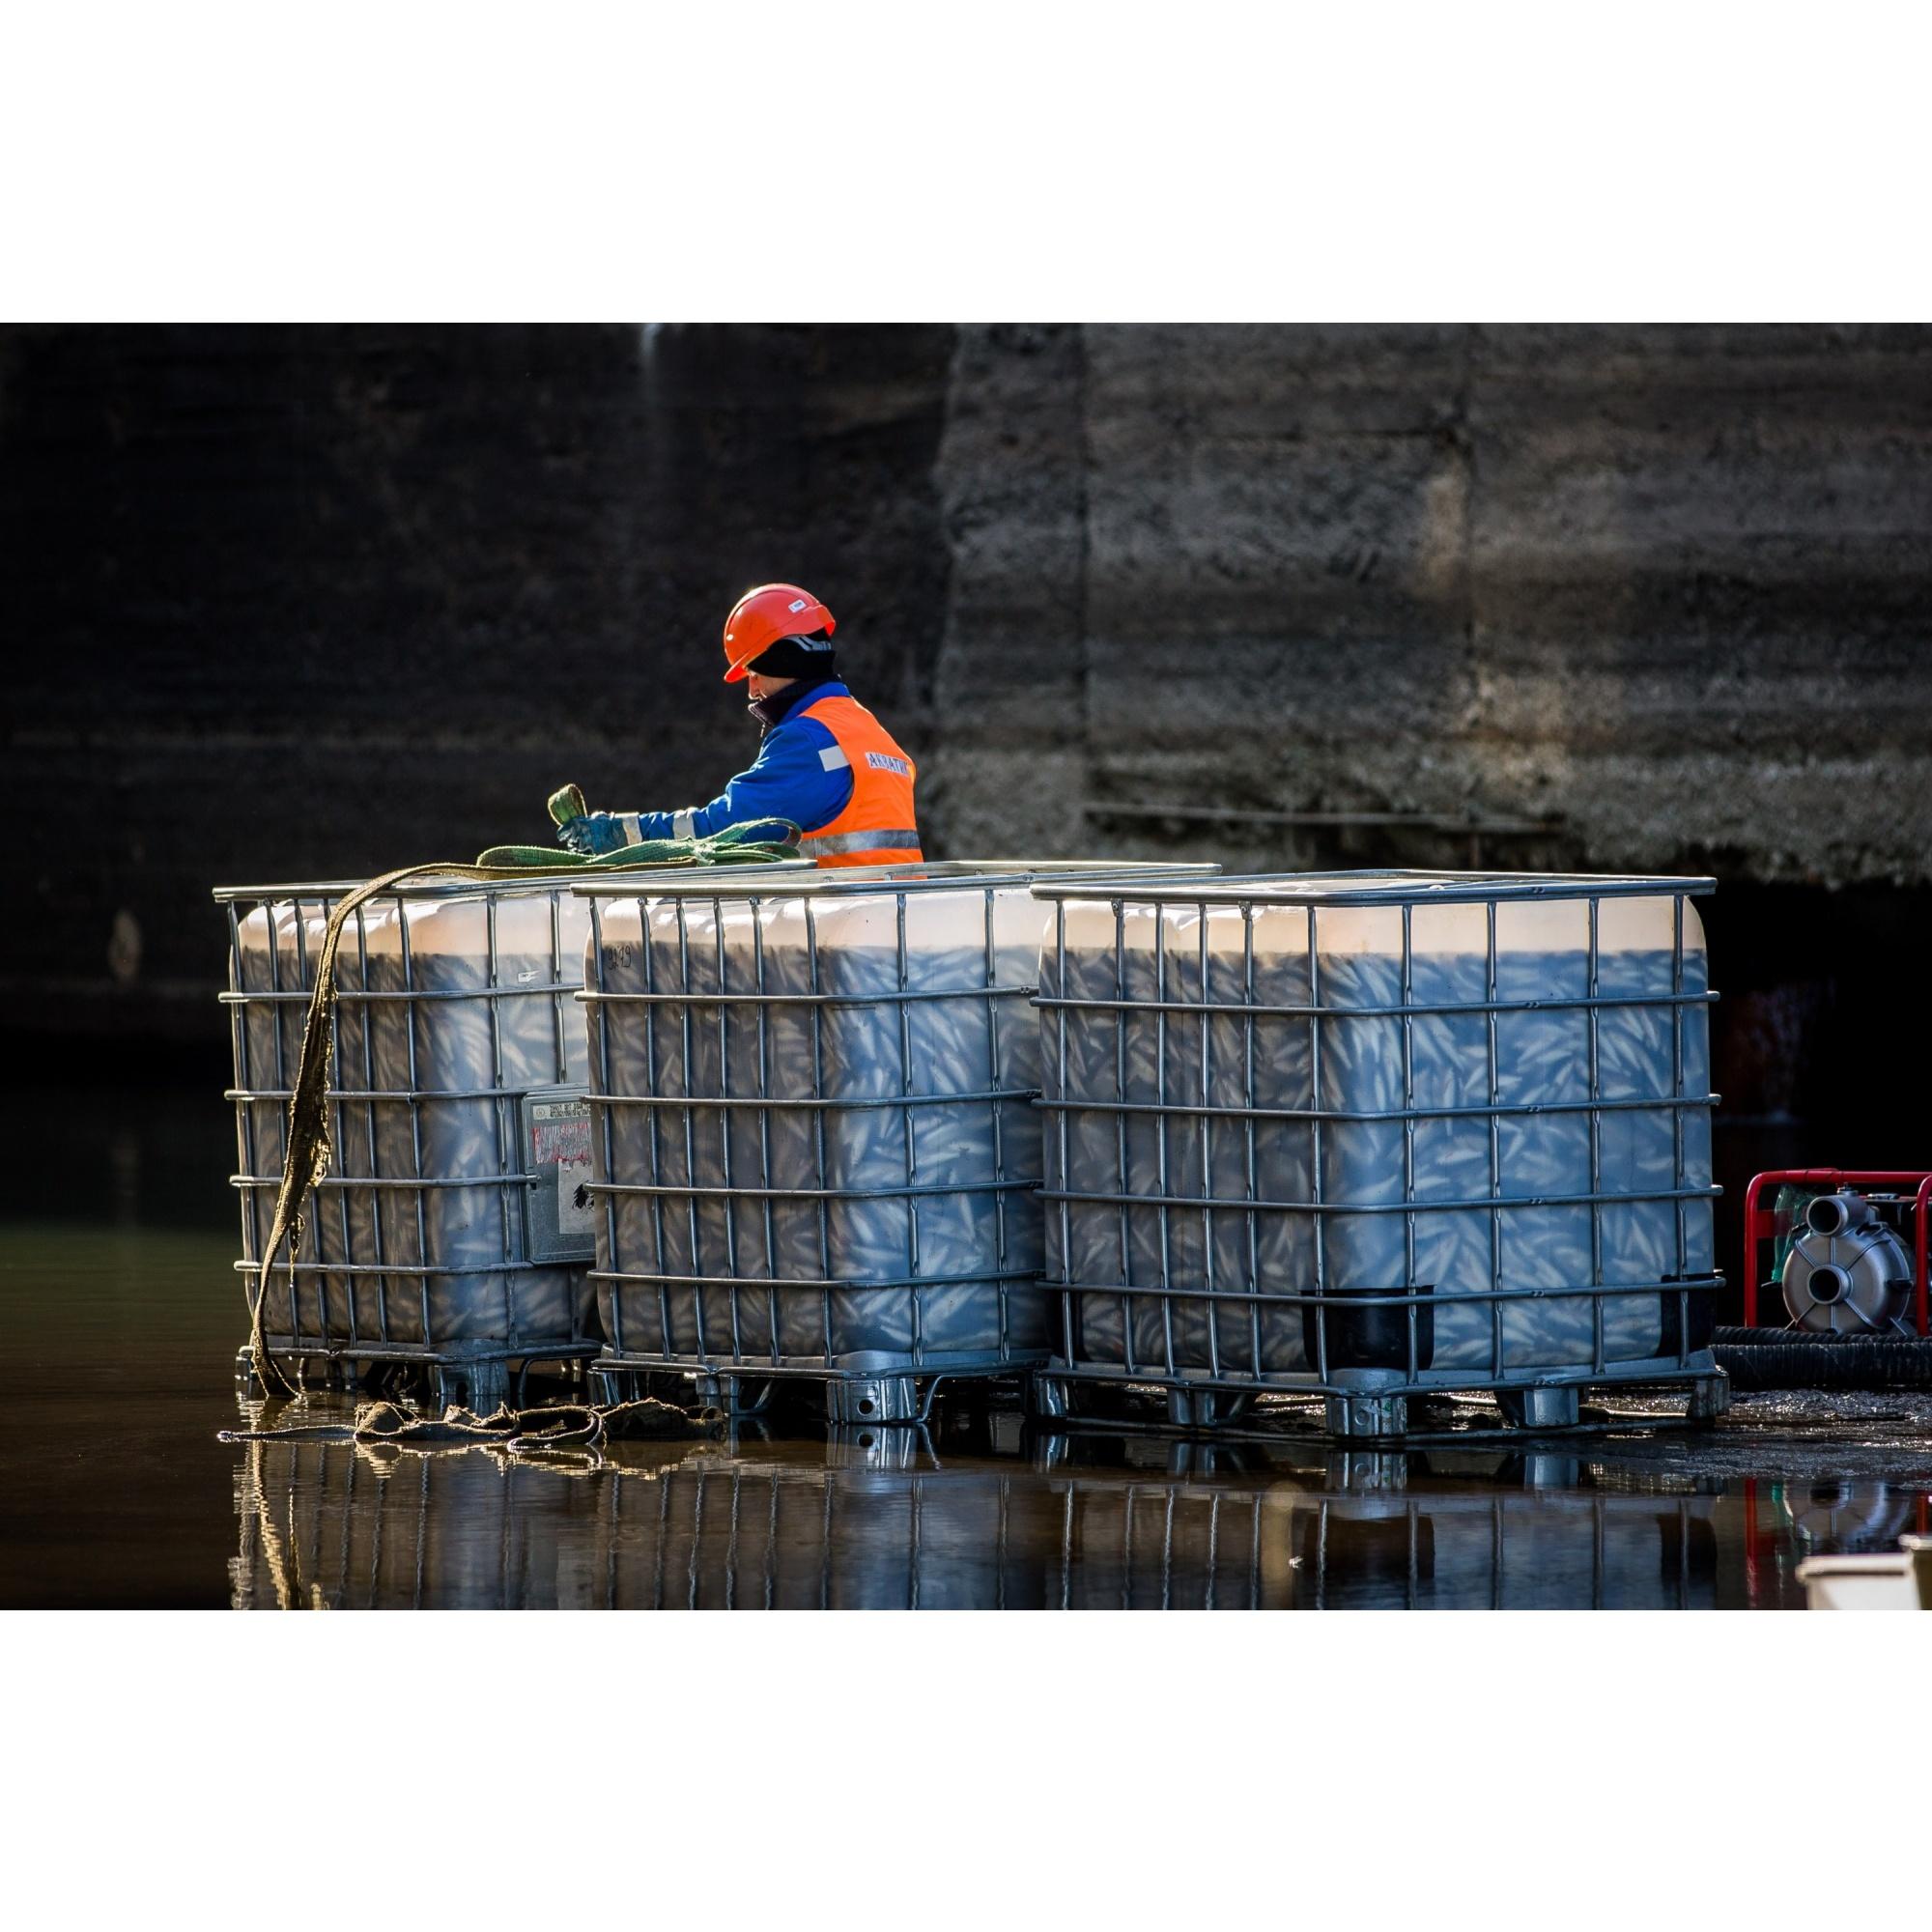 После переброски рыбы в Обь начнутся строительные работы по укреплению стен канала